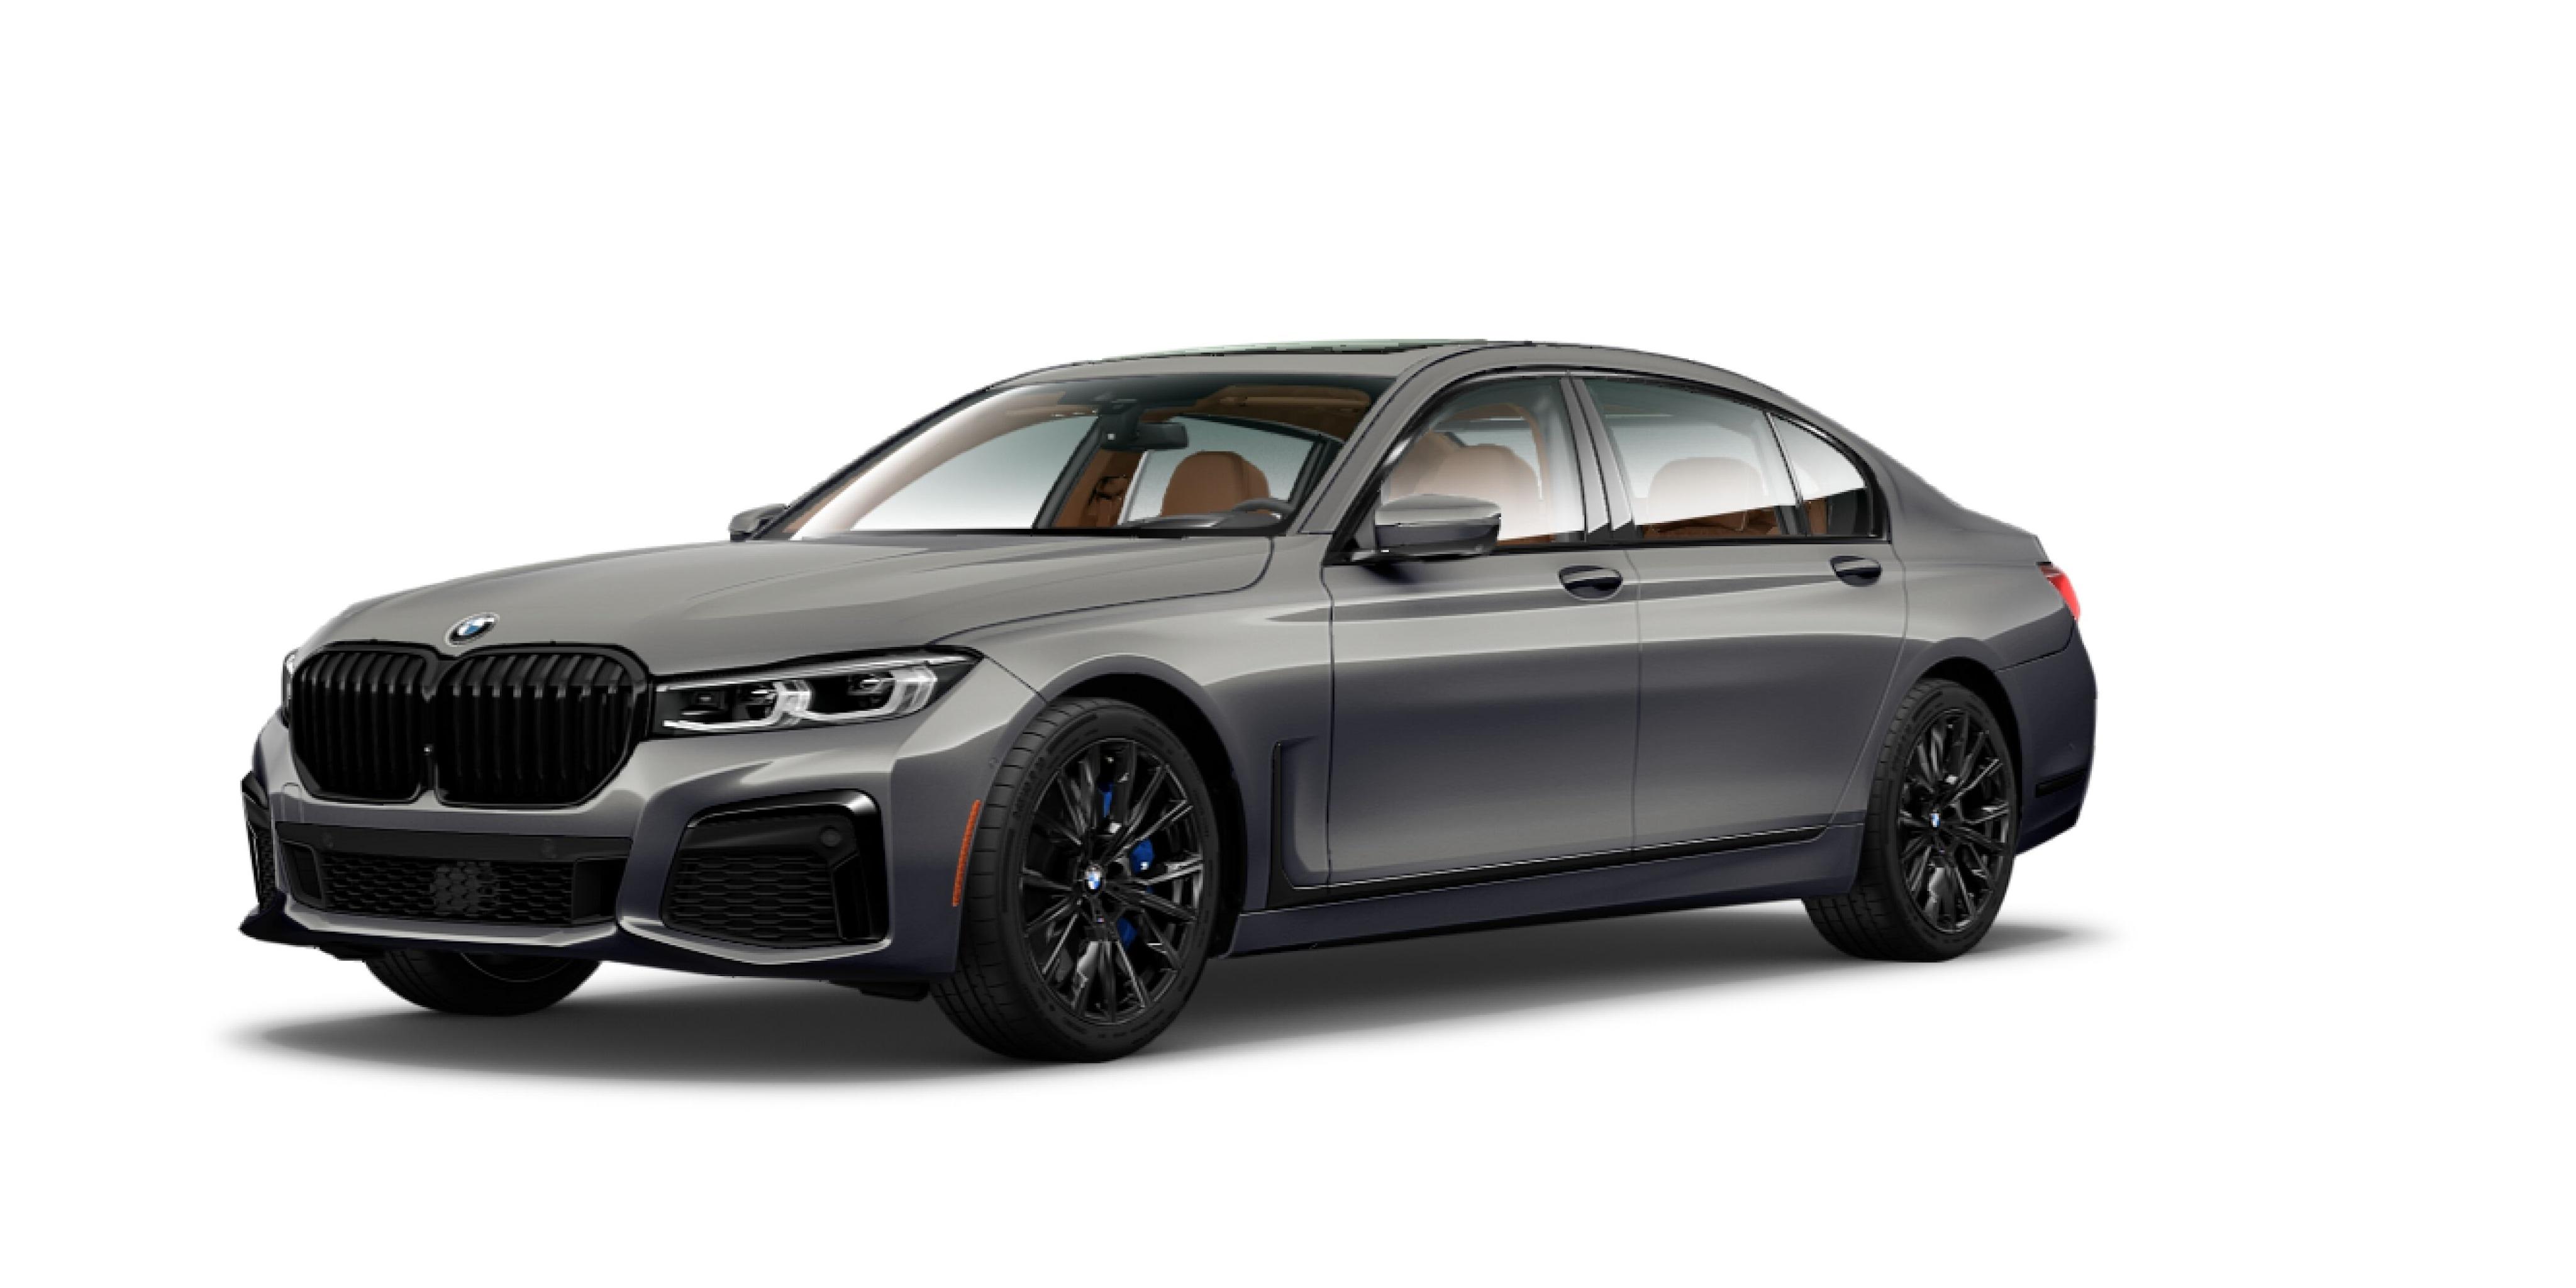 2021 BMW 750i Sedan